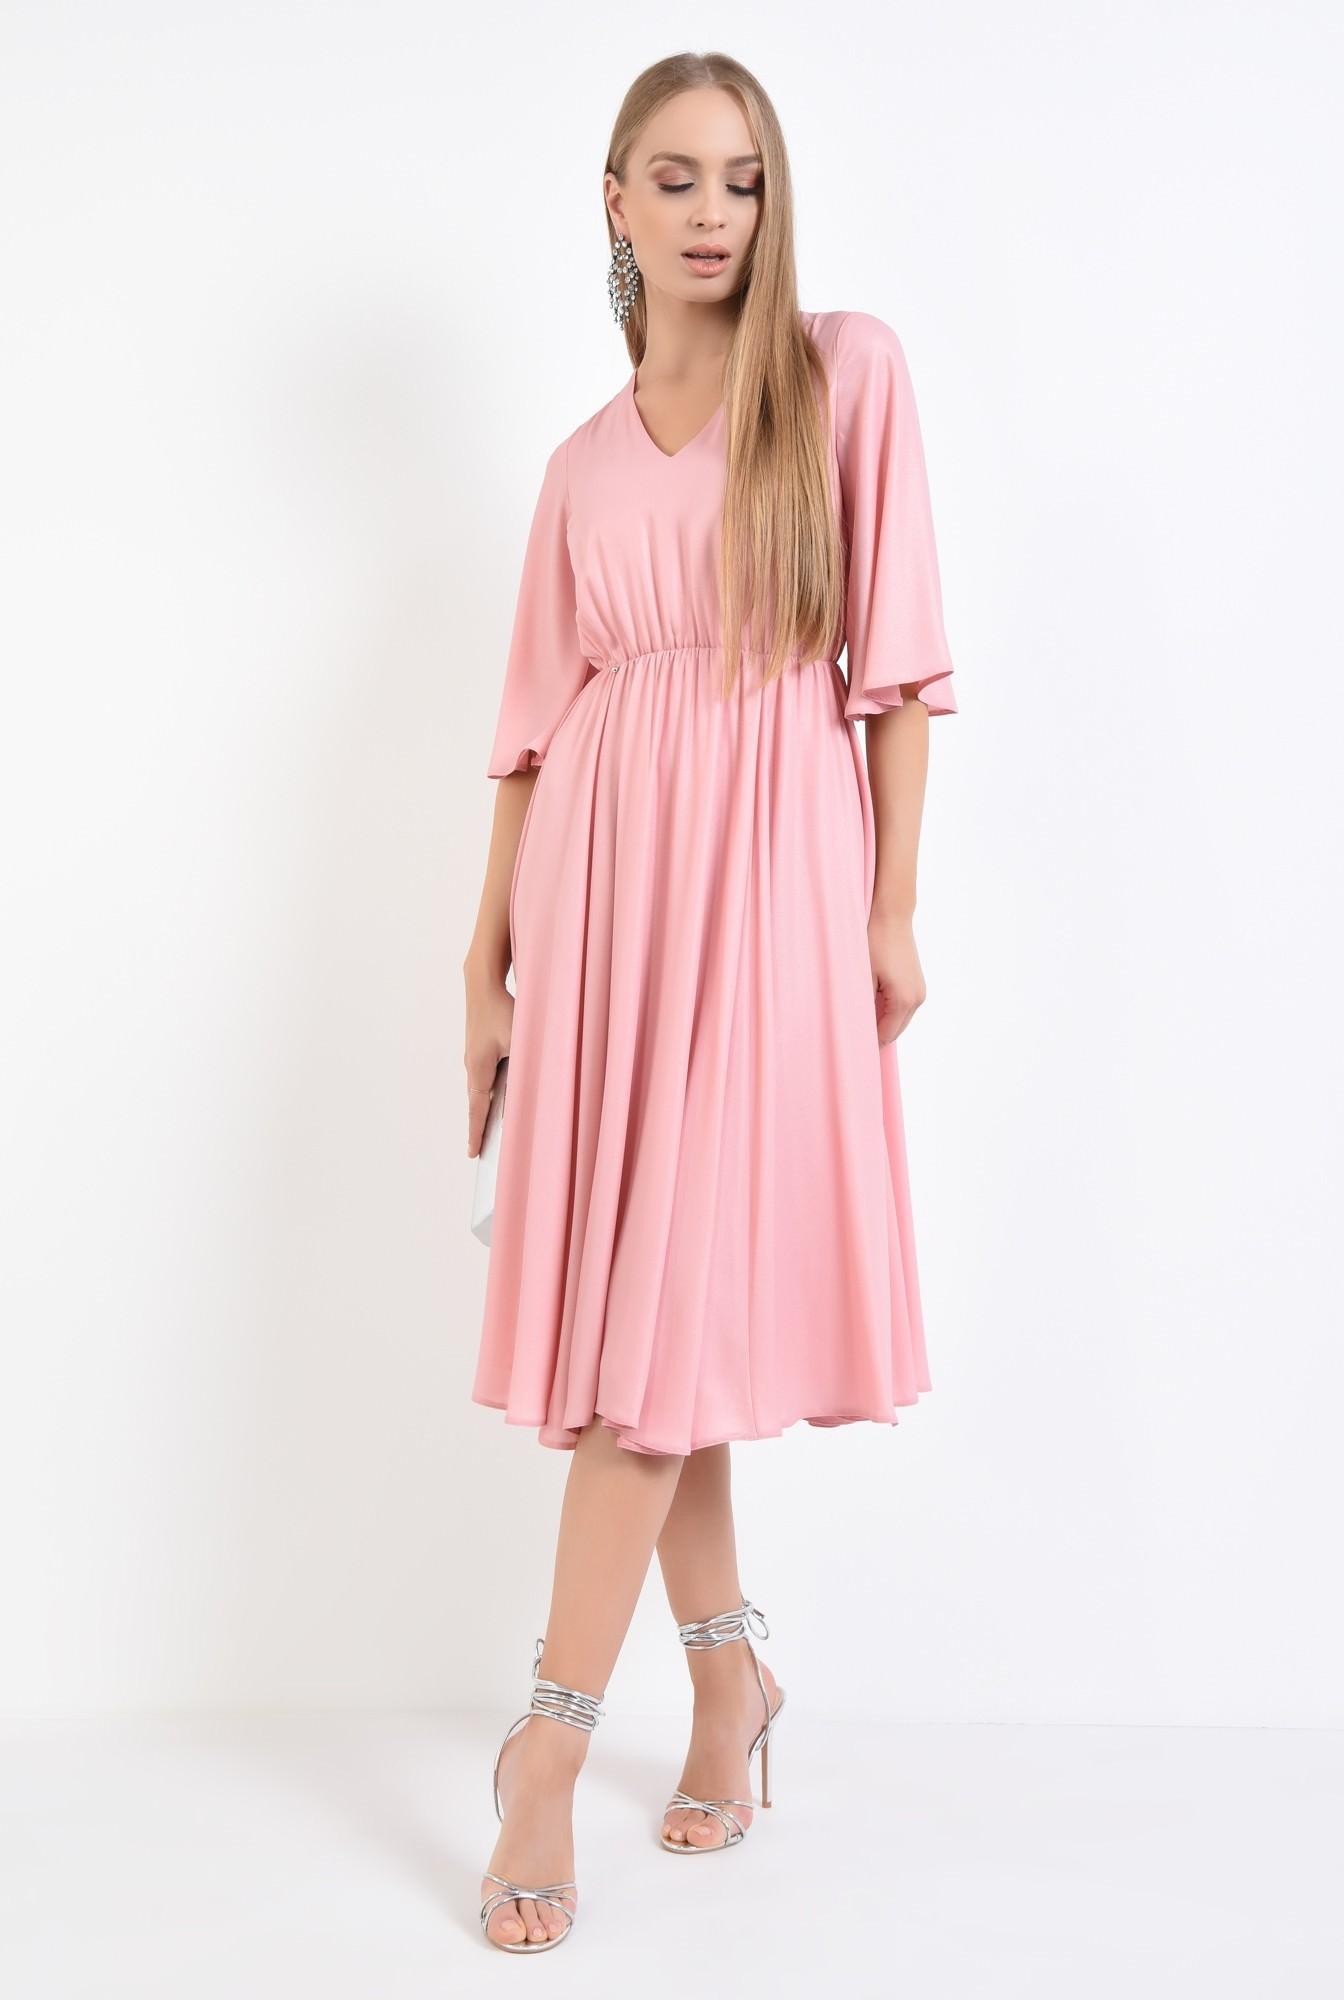 3 - rochie eleganta cloche, roz, lurex, midi